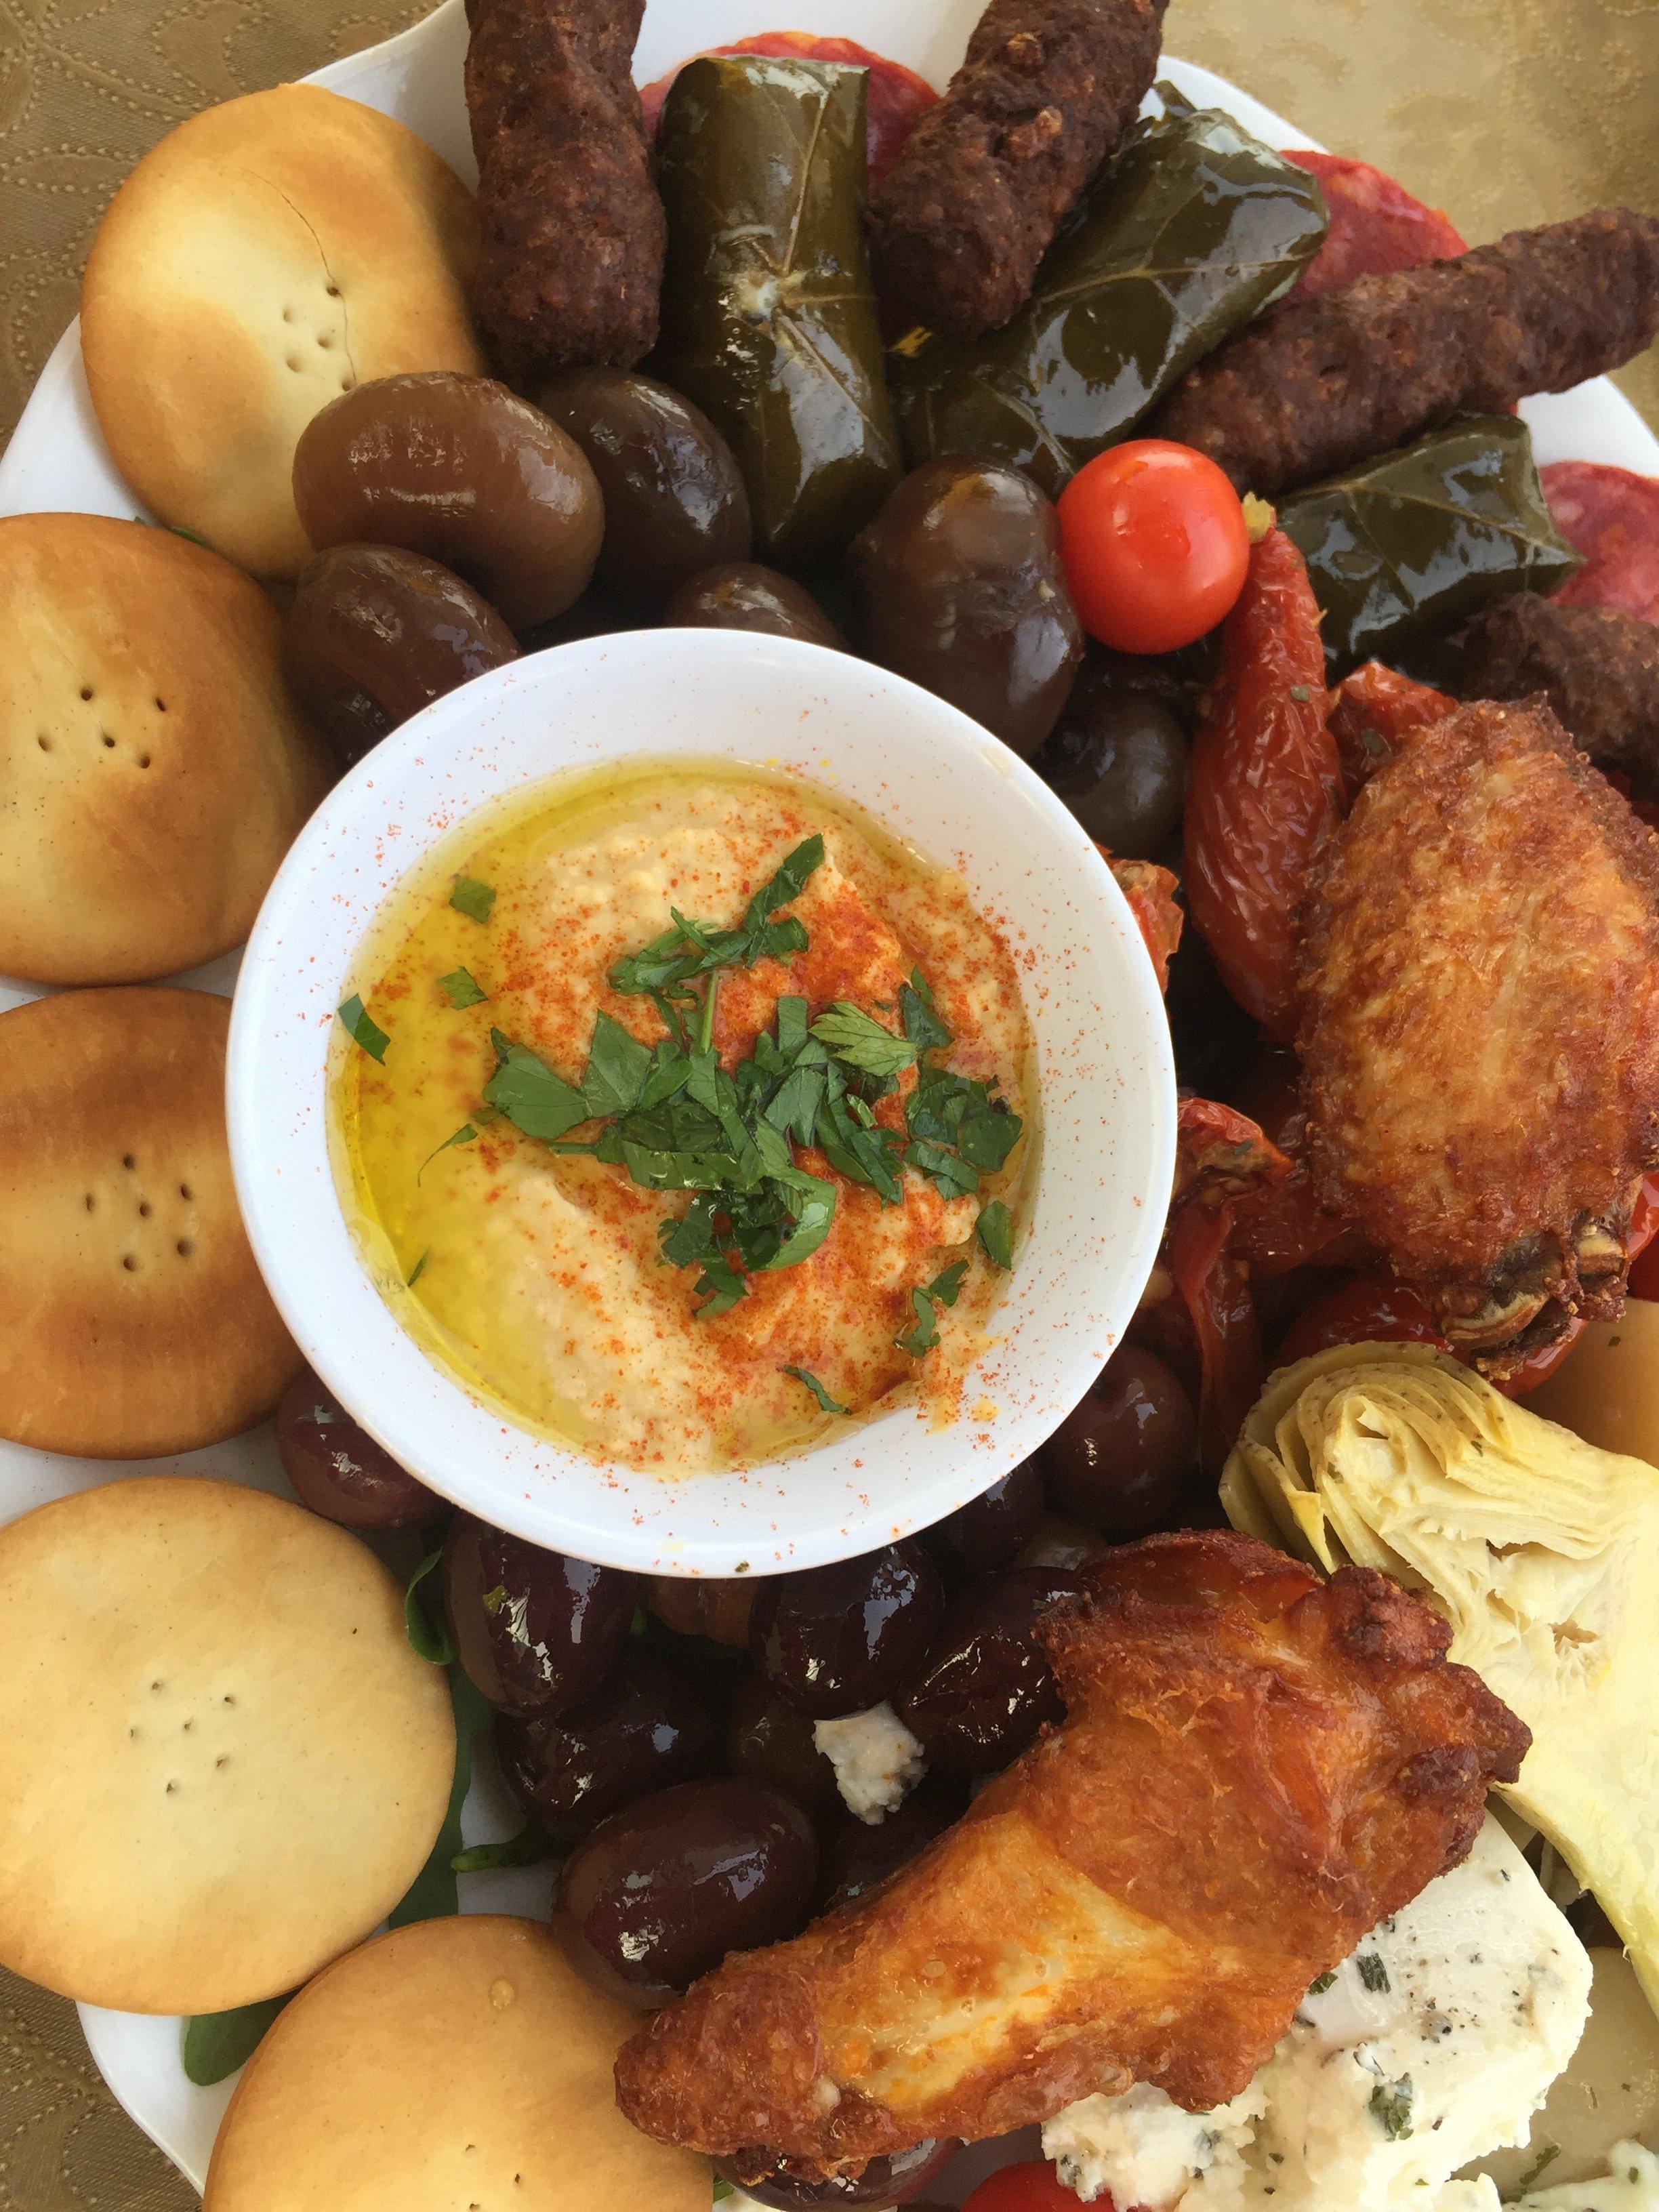 Mediterranean Platter at Vinum, Mdina, Malta